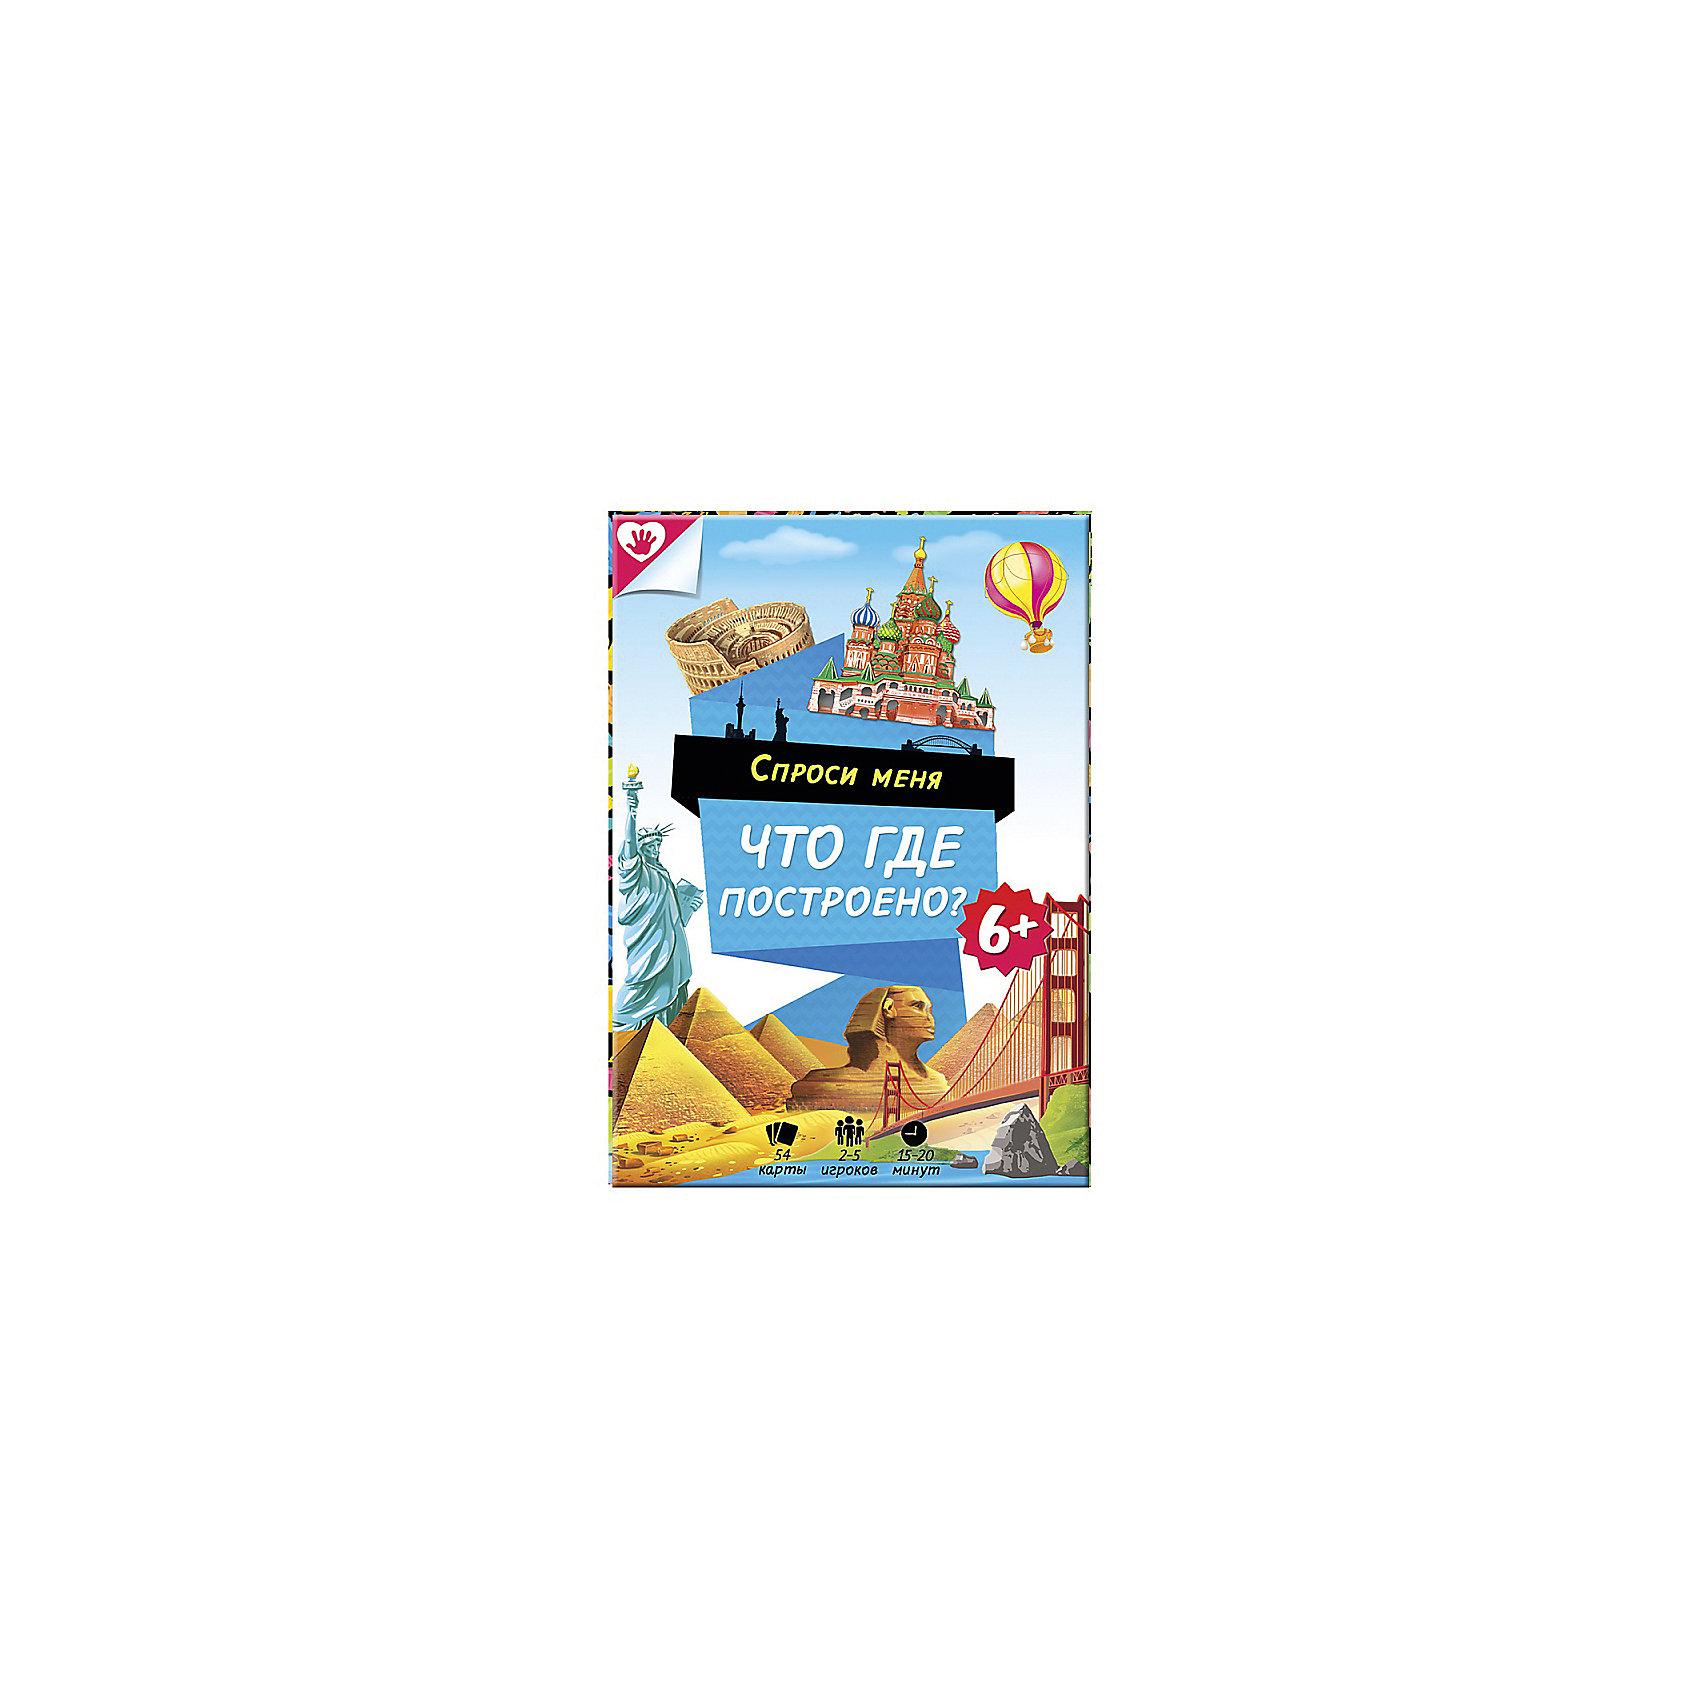 Карточная игра Спроси меня - Что где построено?,  54 карточкиВ этой коробке простая и увлекательная игра, которая учит мыслить логически и развивает память. В ходе игры содержимое карточек запоминается само собой. И теперь вы с лёгкостью скажете, где находится подводный музей, а где Римский Колизей!<br><br>Внутри:<br><br>- 45 карт достопримечательностей<br><br>- 9 карточек местоположения<br><br>- правила игры<br><br>Ширина мм: 120<br>Глубина мм: 80<br>Высота мм: 200<br>Вес г: 146<br>Возраст от месяцев: 72<br>Возраст до месяцев: 2147483647<br>Пол: Унисекс<br>Возраст: Детский<br>SKU: 5518175